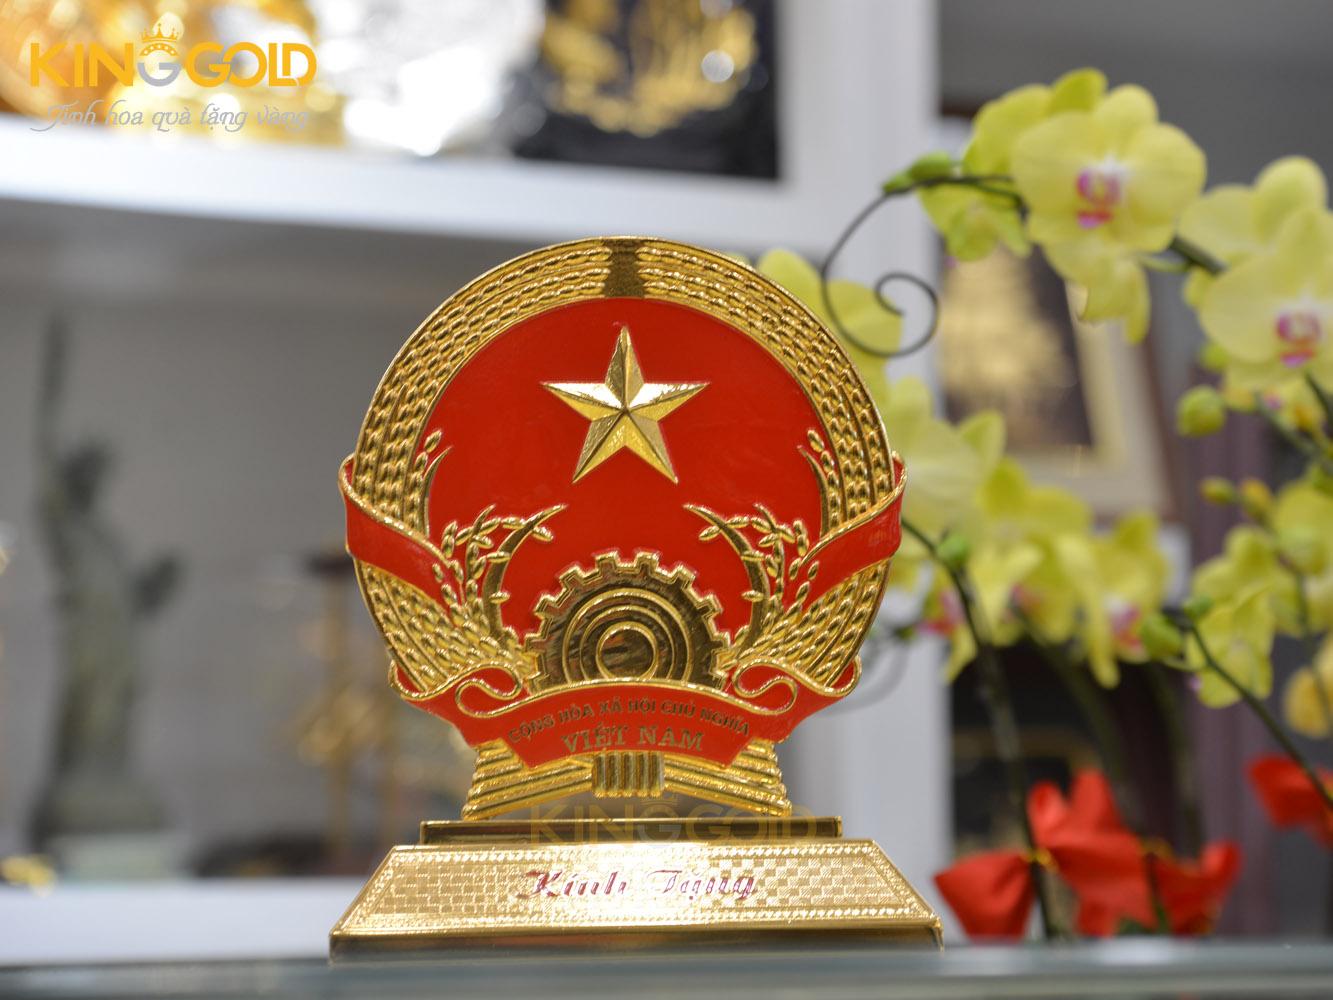 Quốc huy Việt Nam bằng đồng cỡ nhỏ làm quà tặng lưu niệm0